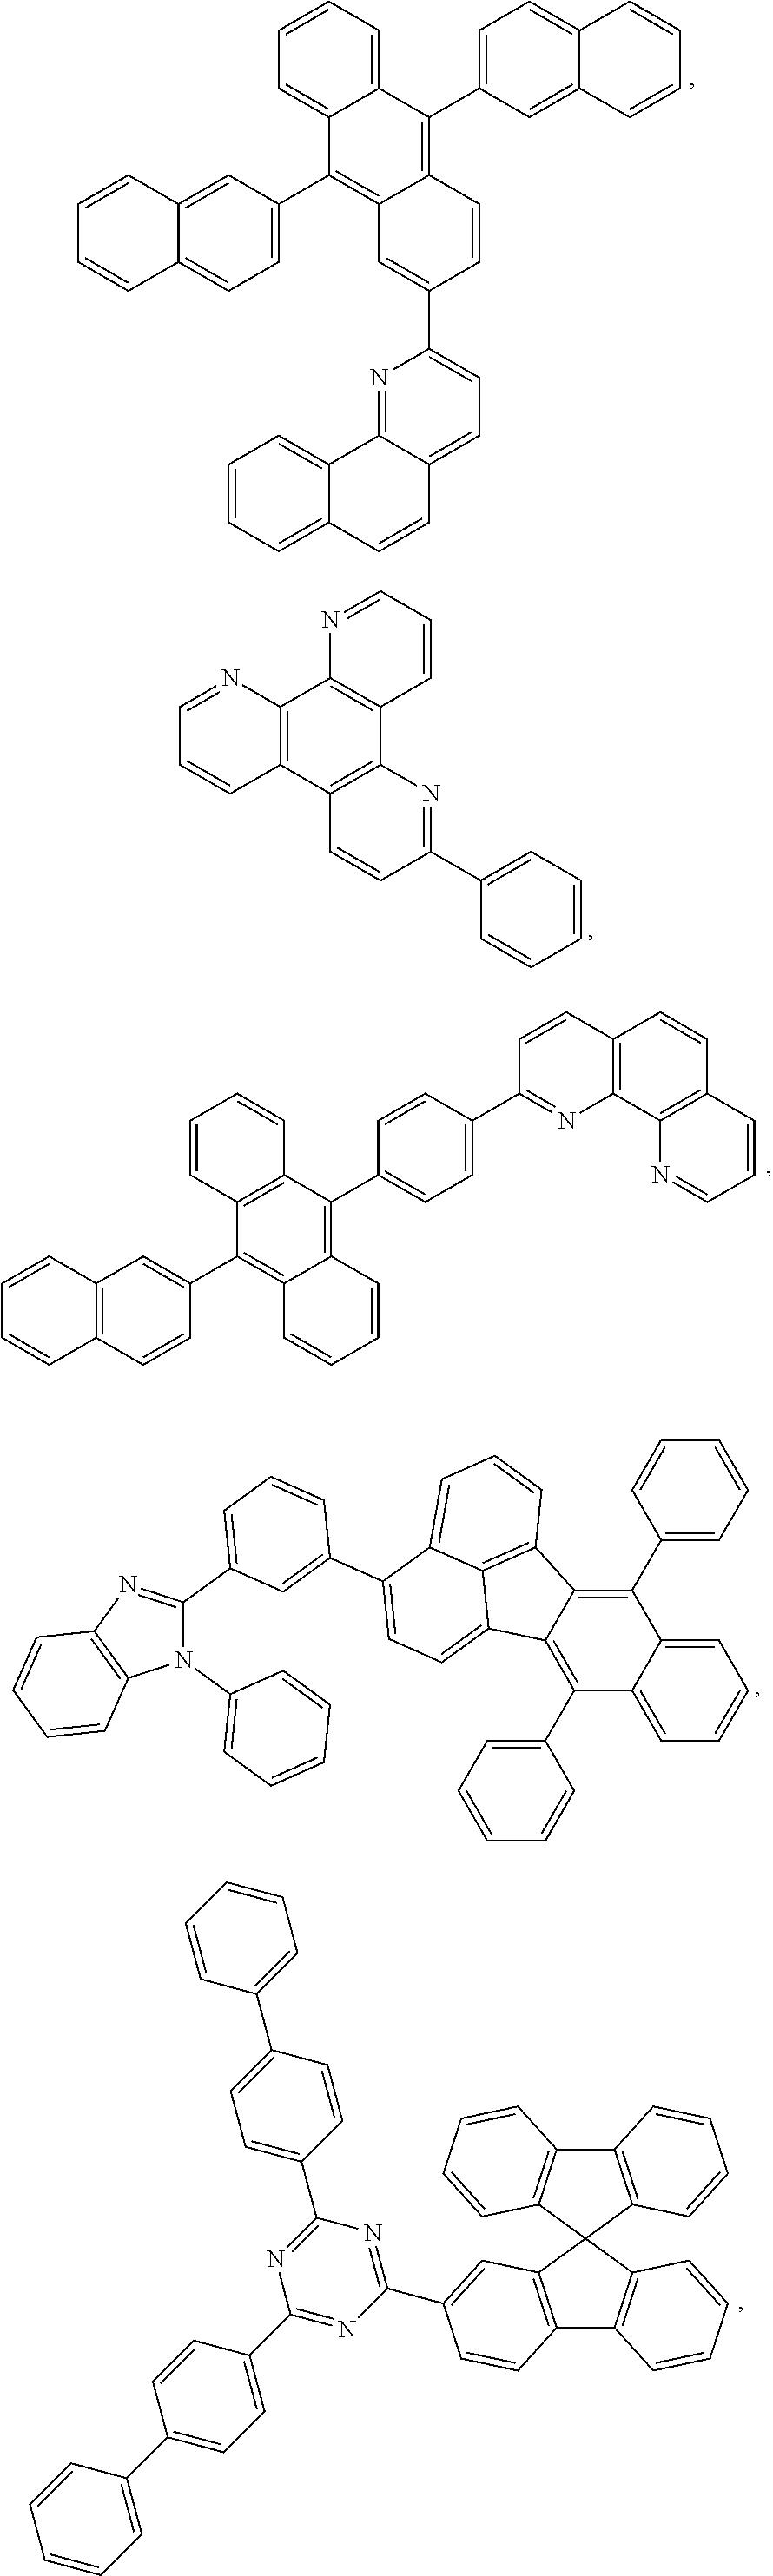 Figure US20190161504A1-20190530-C00093